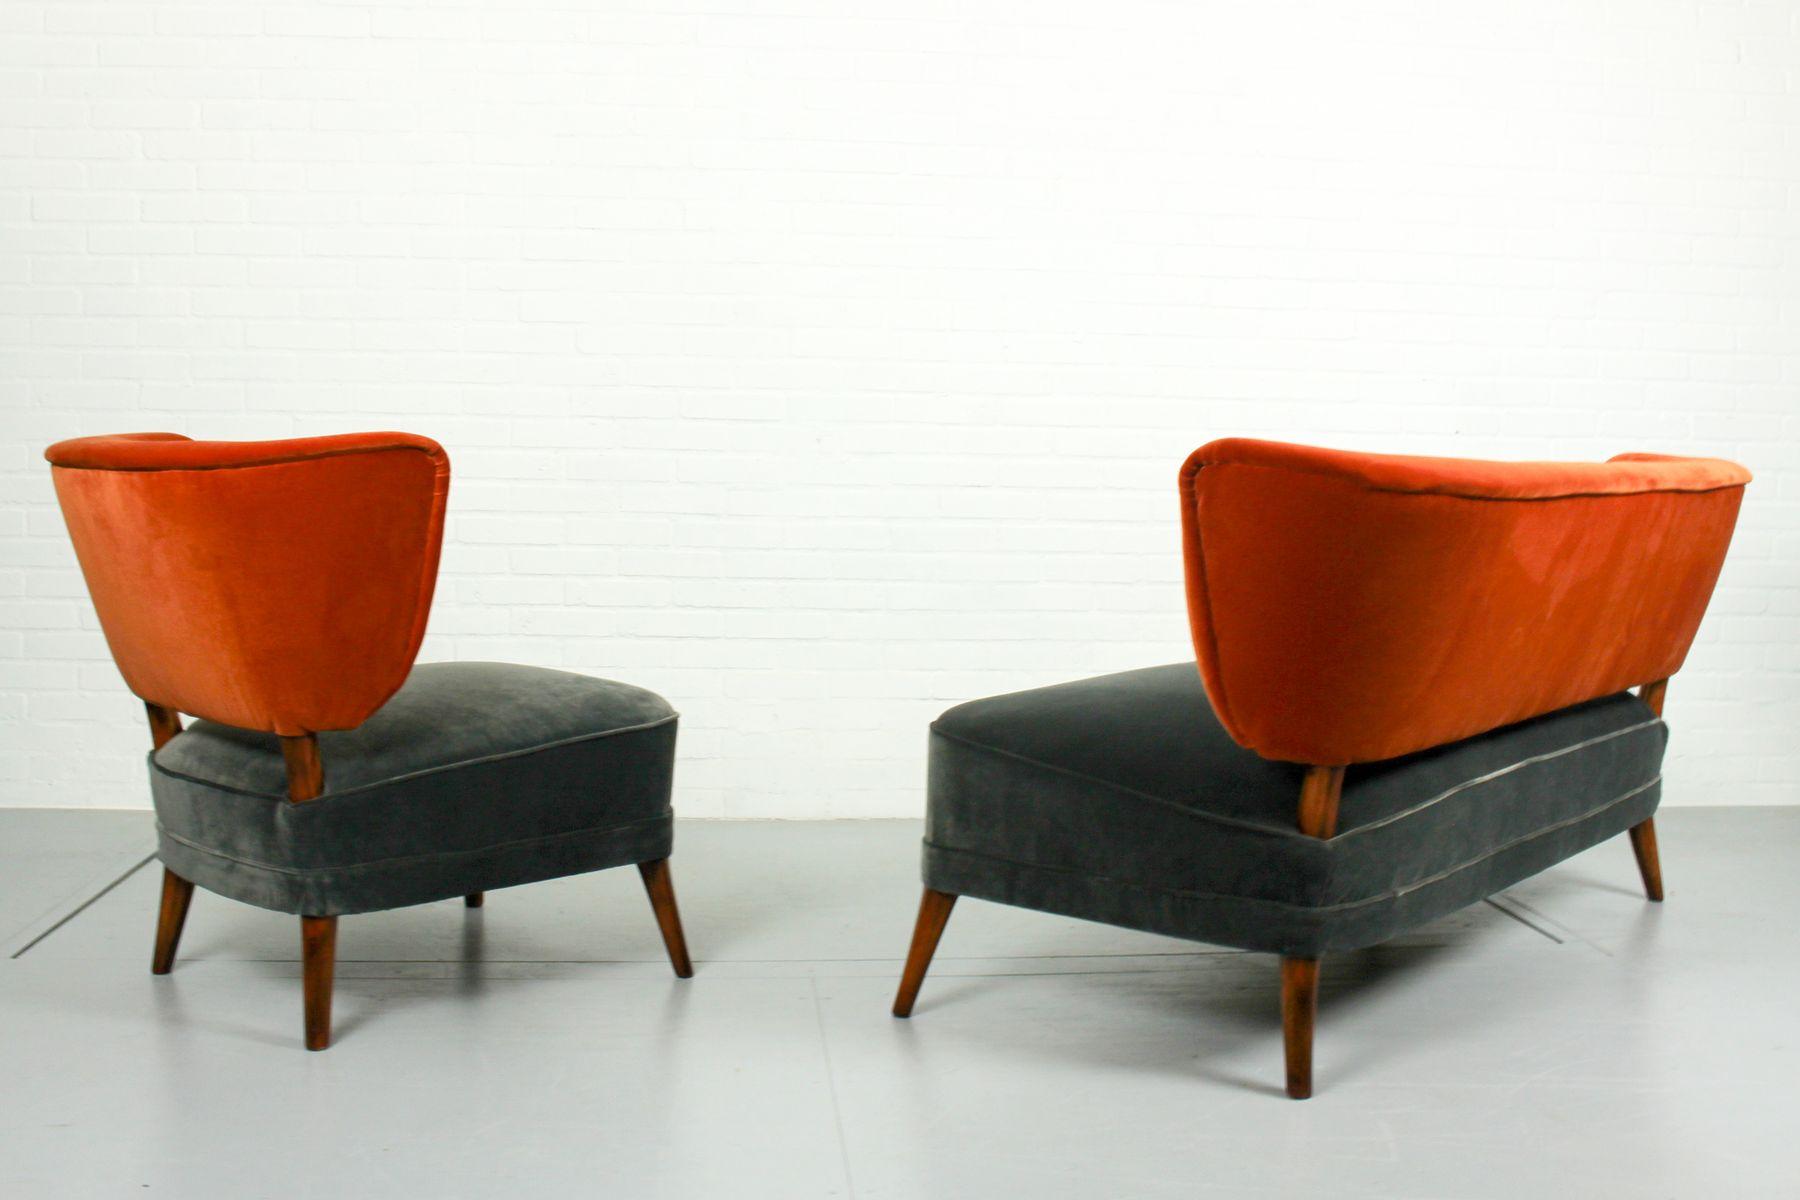 fauteuil cocktail vintage en velours et canap assorti 1950s set de 2 en vente sur pamono. Black Bedroom Furniture Sets. Home Design Ideas